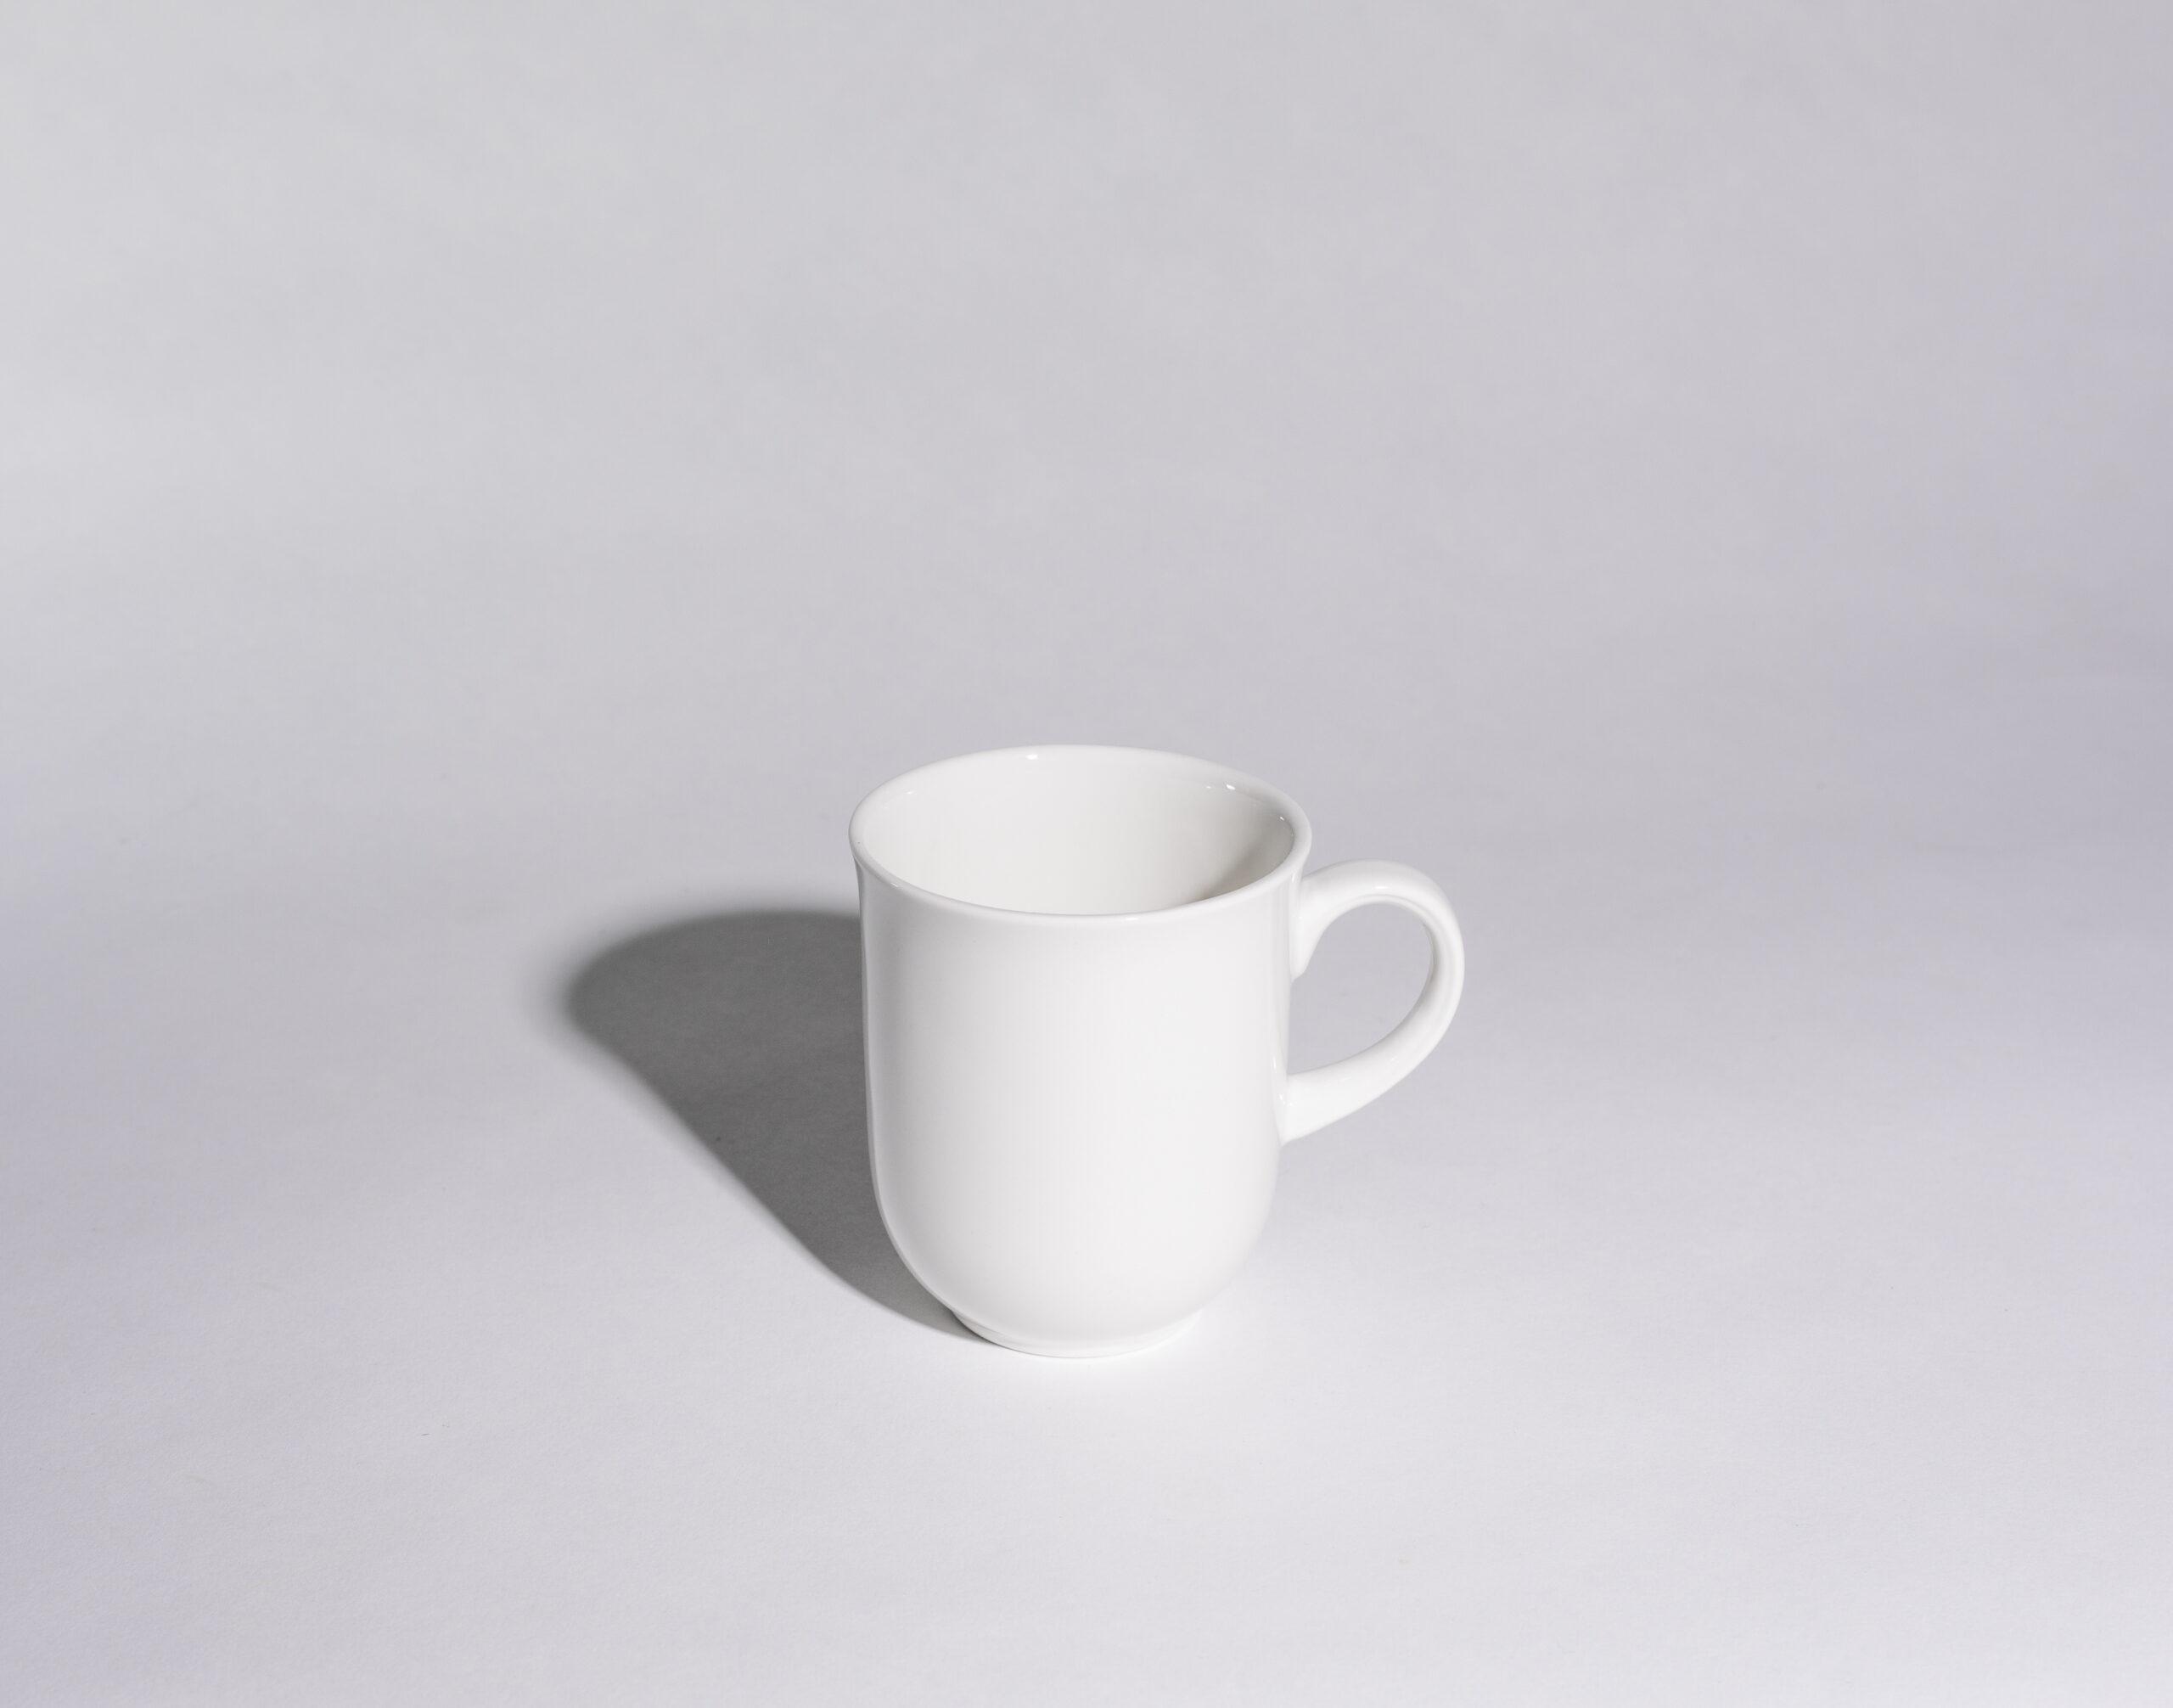 Coffee mugs (8oz)